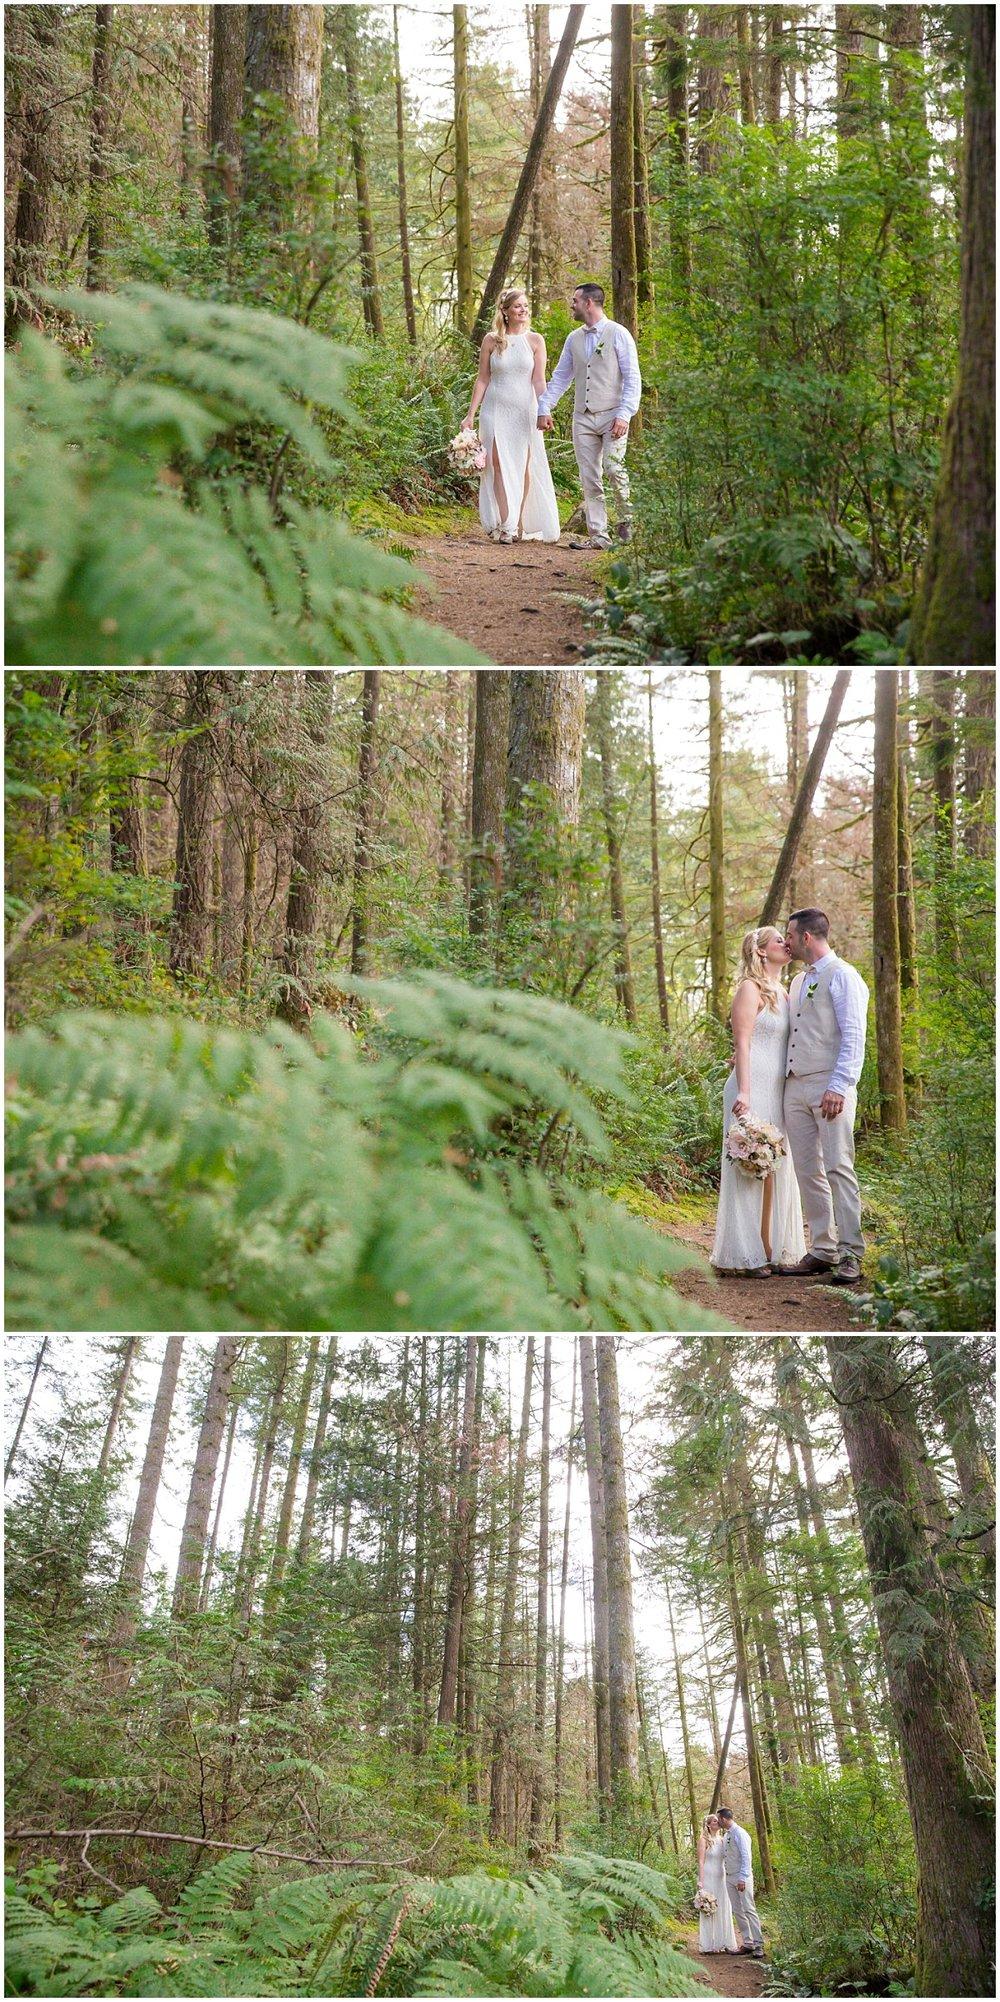 Amazing Day Photography - Minnekada Wedding - Port Coquitlam Wedding - Langley Wedding Photography - BC Wedding Photography